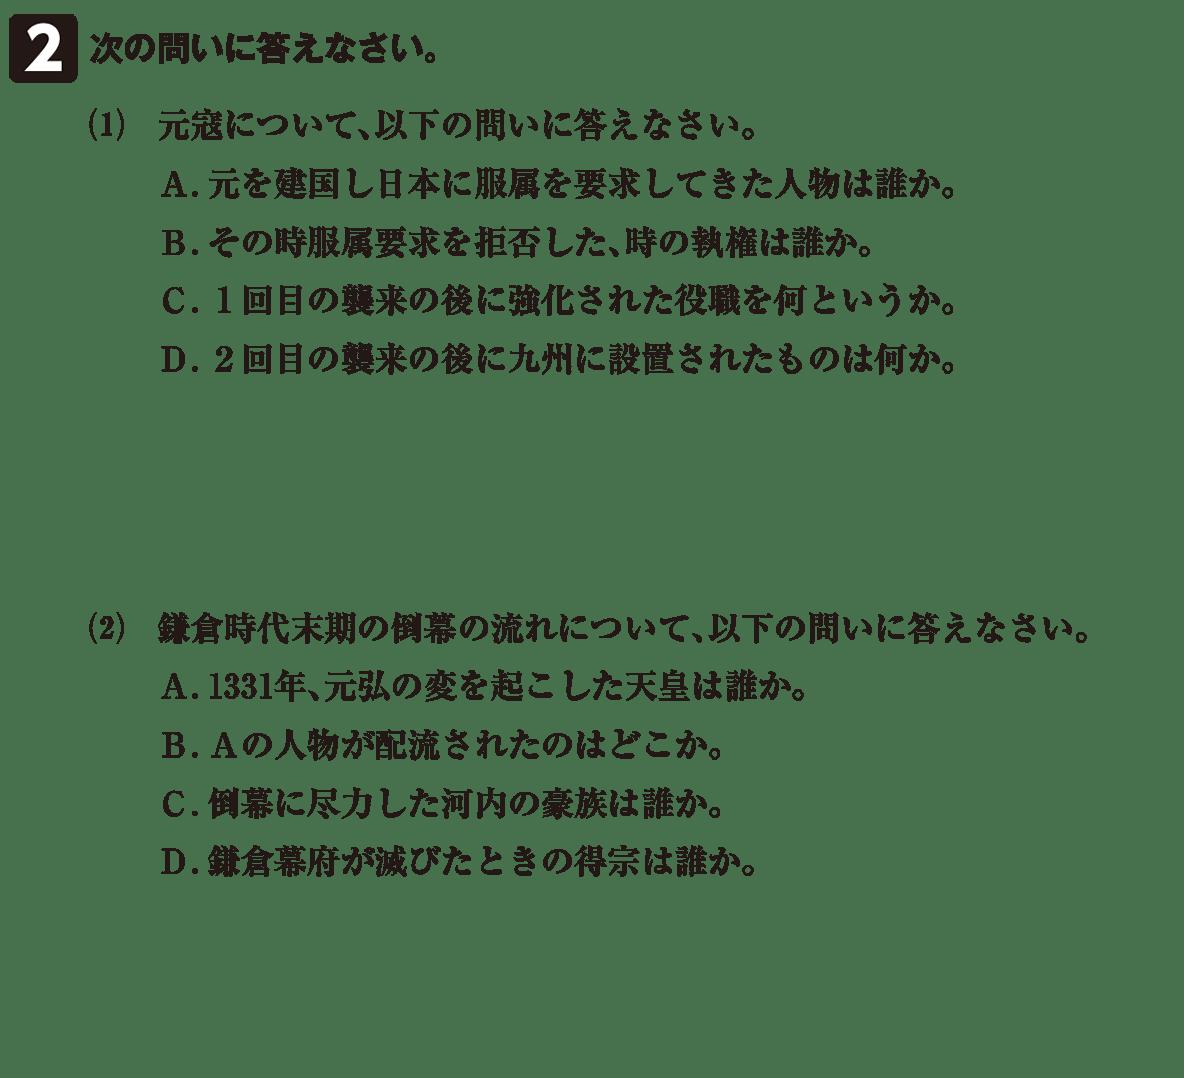 中世18 問題2 問題